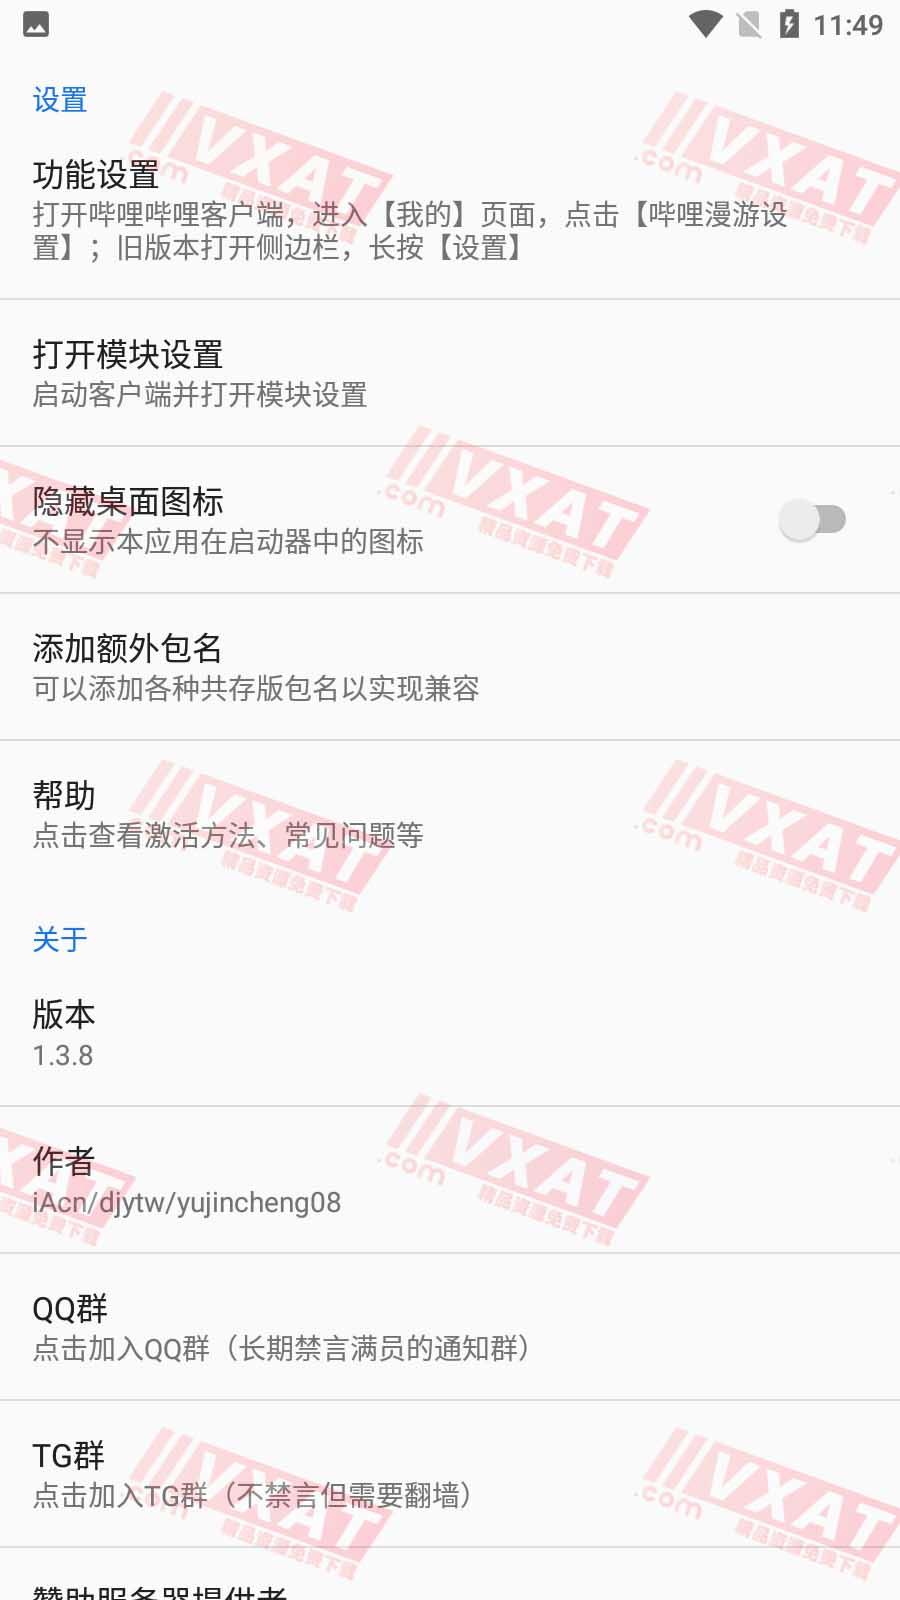 哔哩漫游 v1.4.3 解除B站番剧区域限制等 第1张